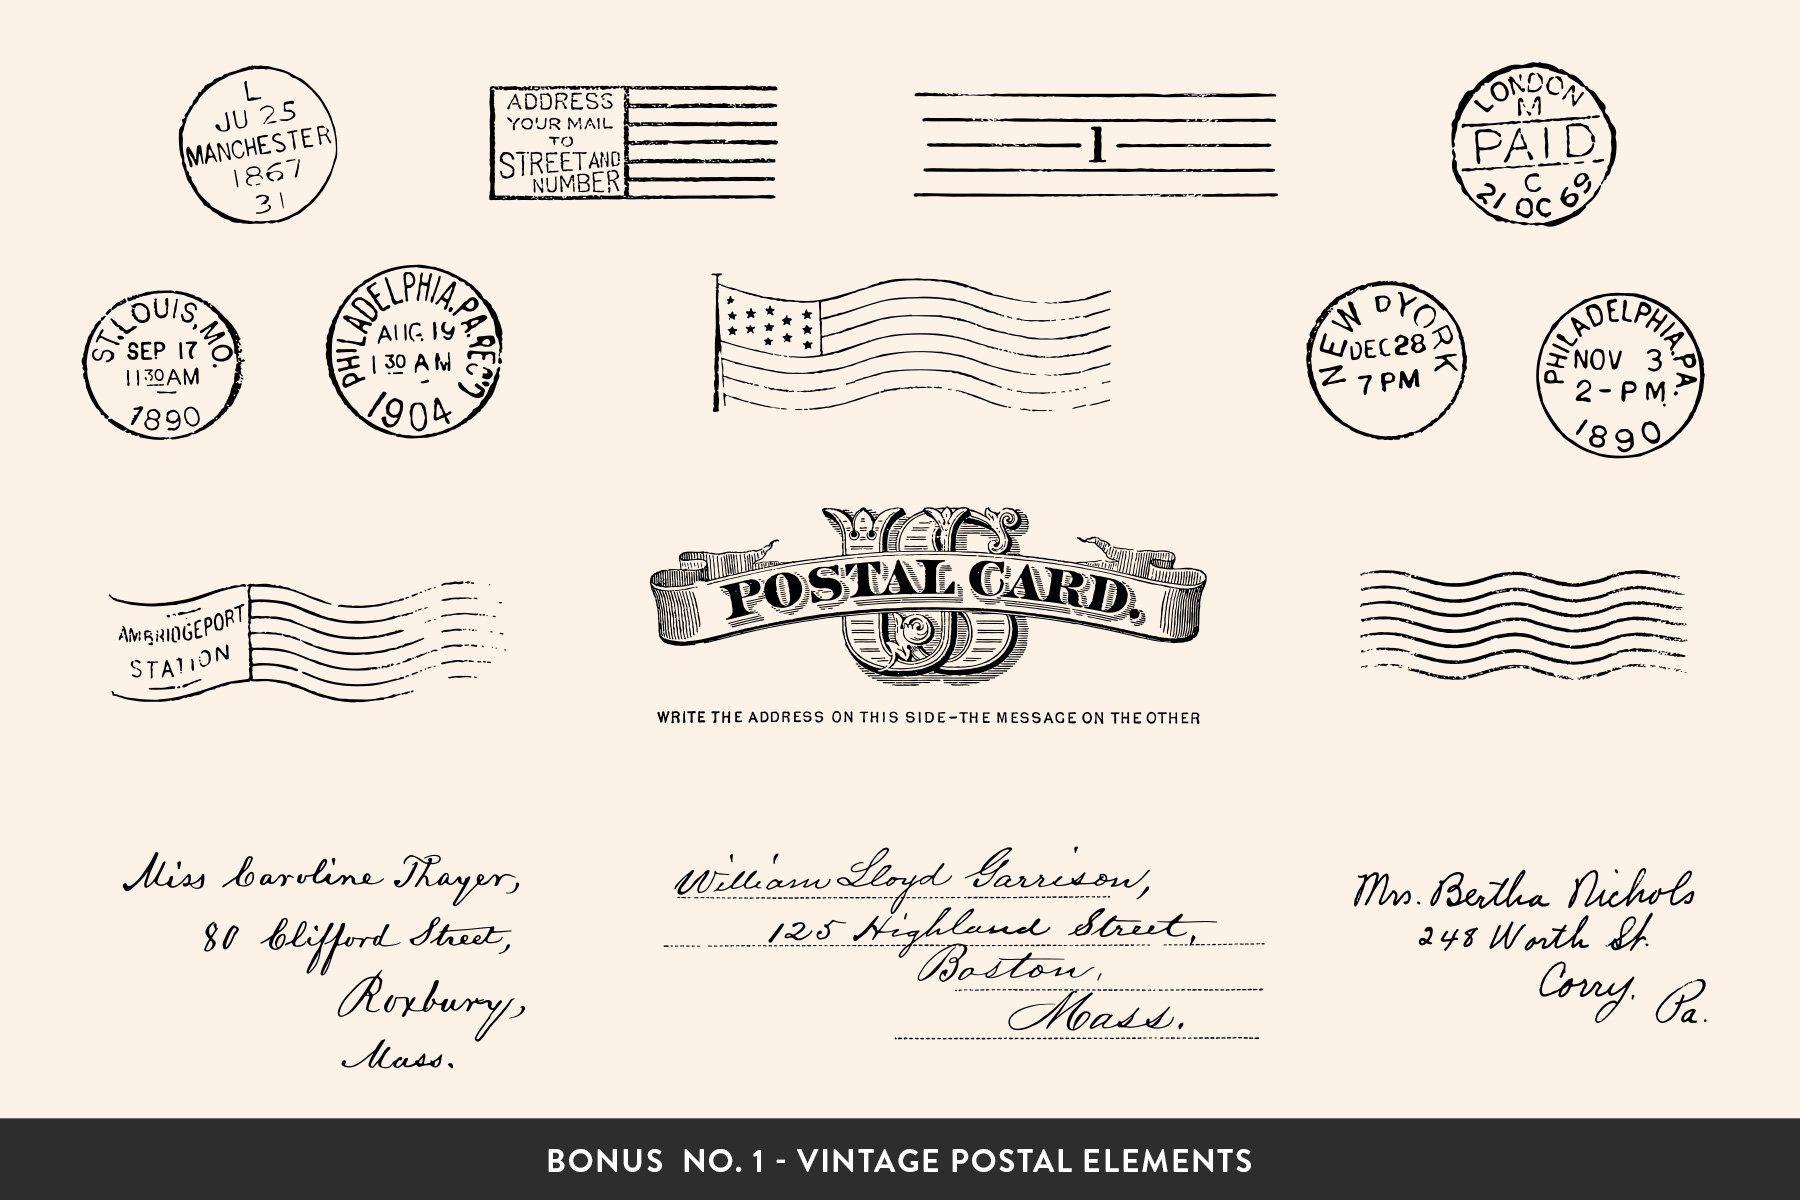 Vintage Postage Stamps Collection Vintage Postage Postage Stamp Collection Vintage Postage Stamps